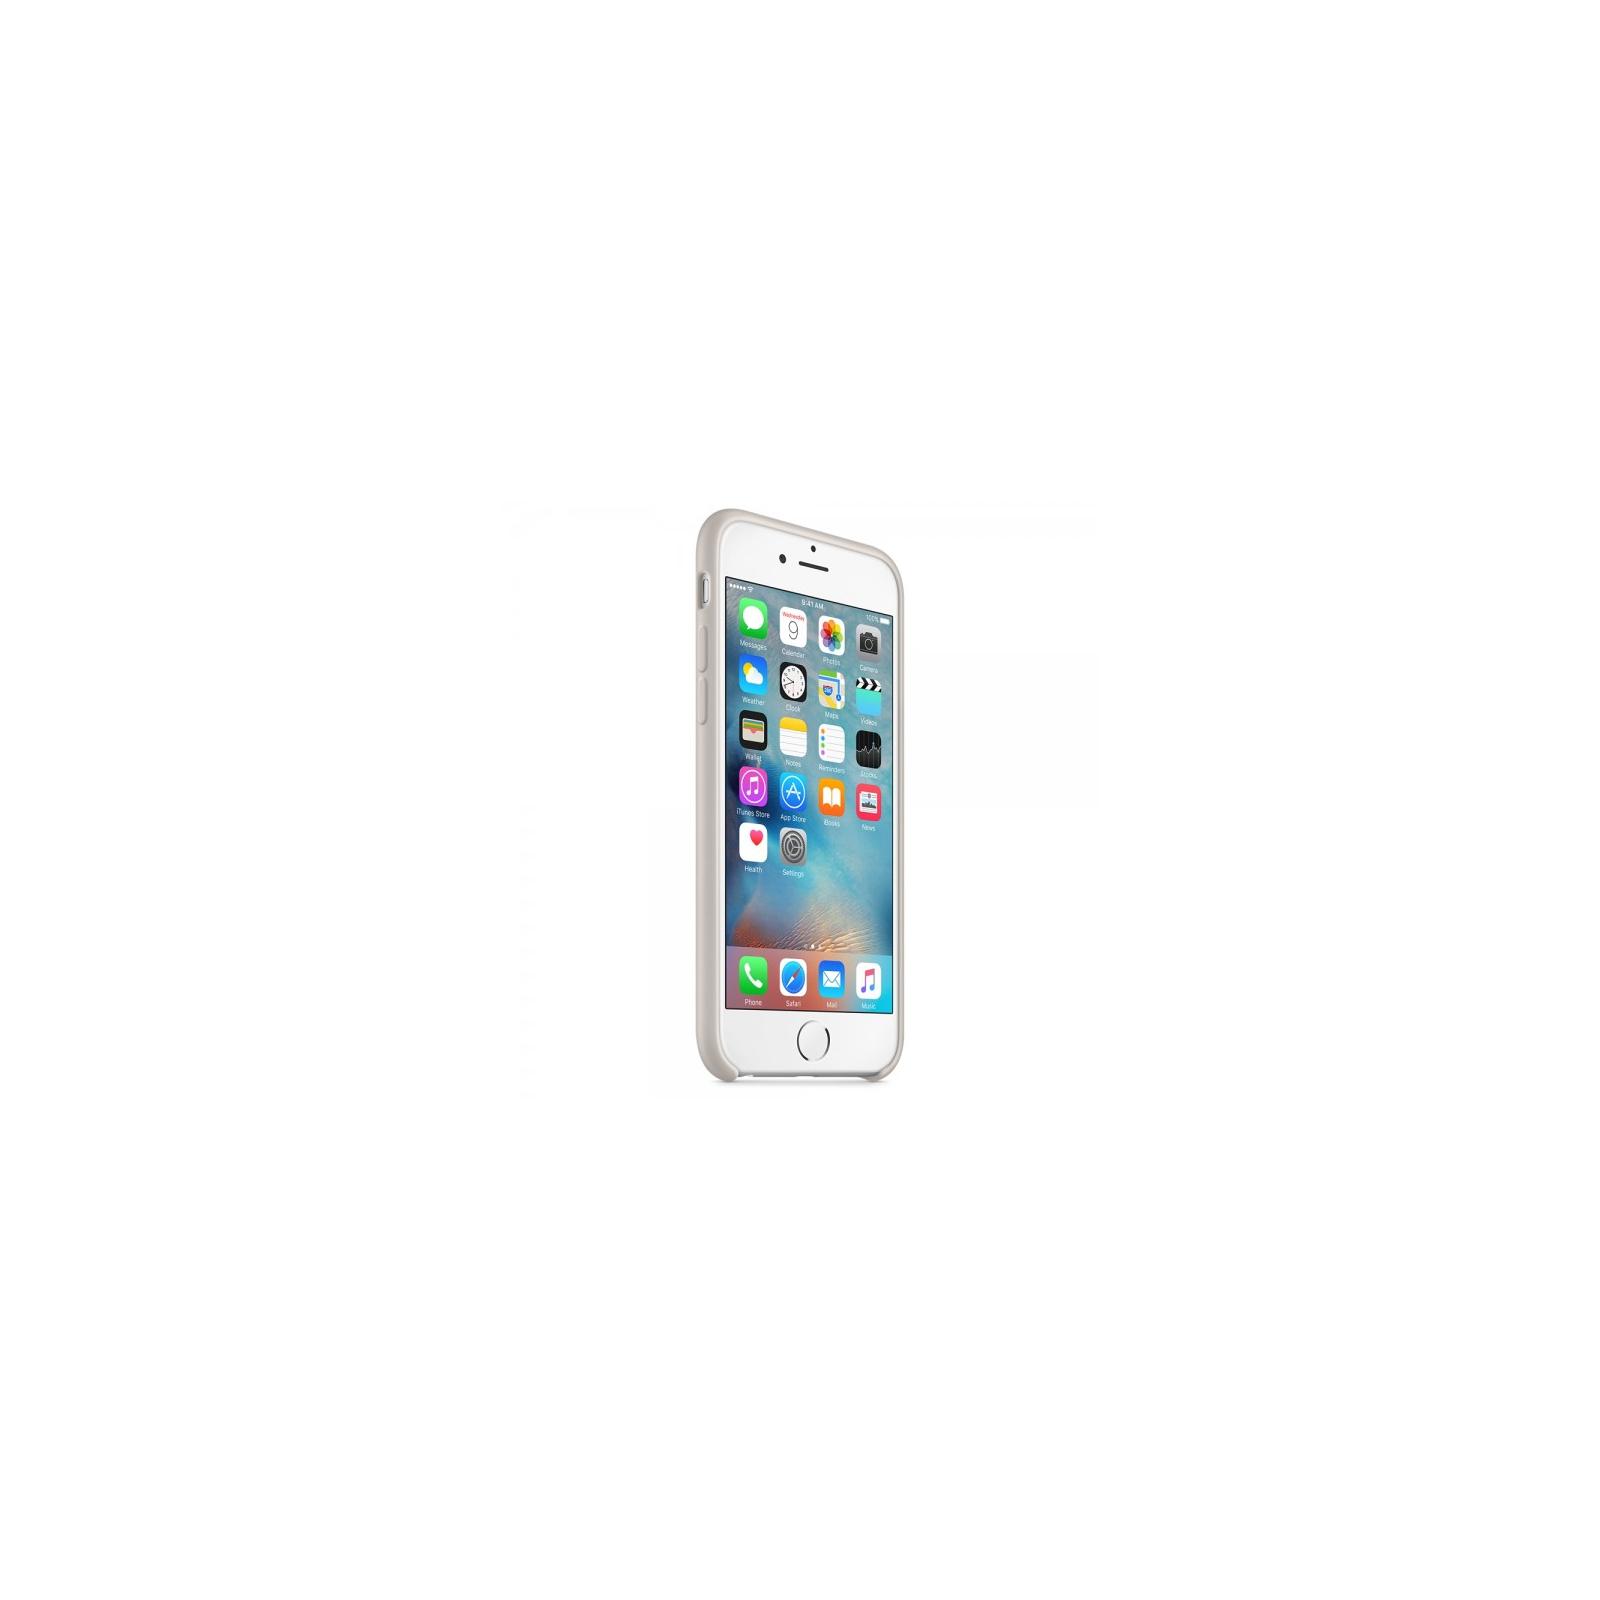 Чехол для моб. телефона Apple для iPhone 6/6s Stone (MKY42ZM/A) изображение 3